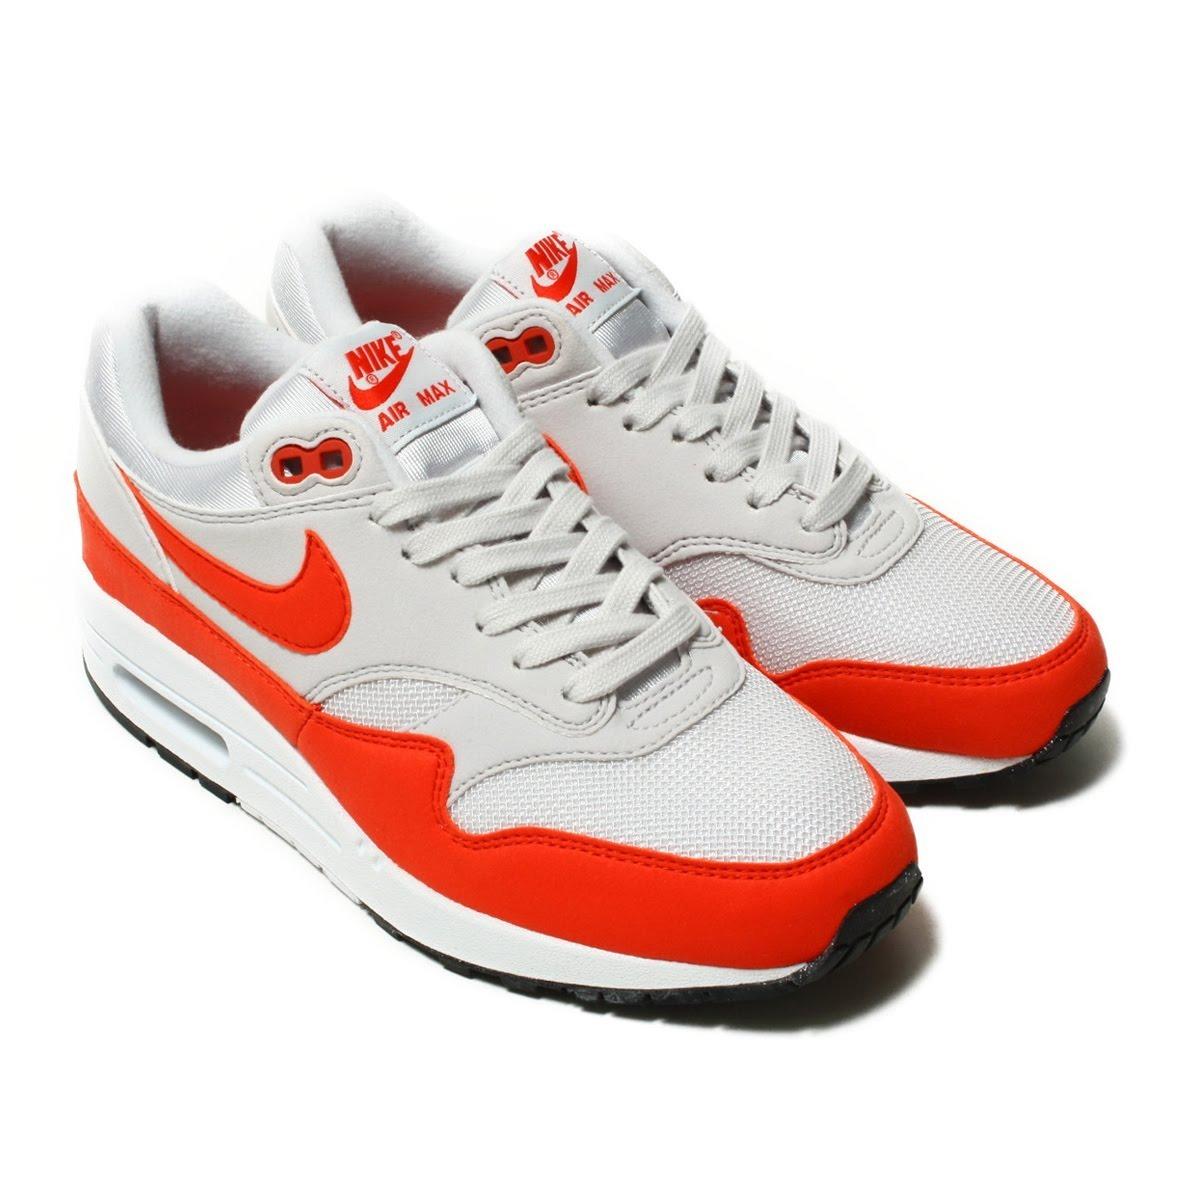 1 Tenis Mujer 90 270 Max Air Womens Nike Originales Retro 5RjL4A